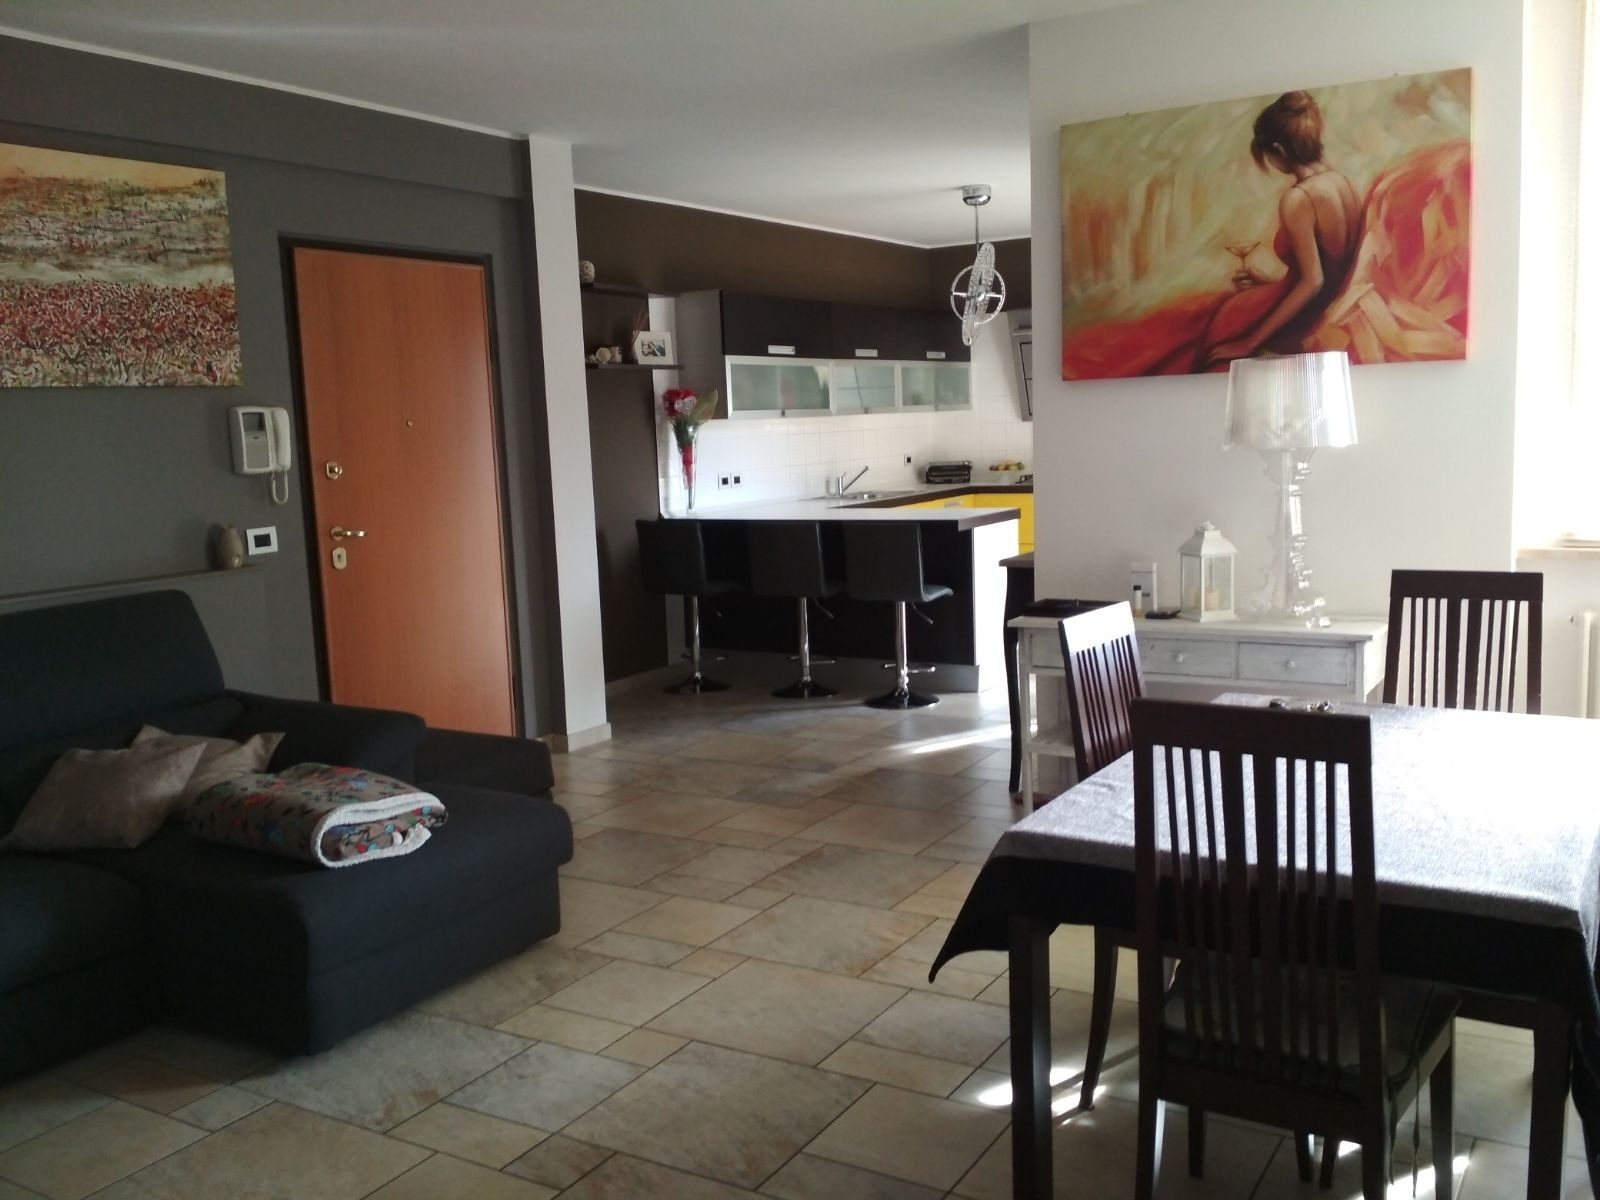 Appartamento in vendita a Torricella Sicura, 4 locali, zona Località: PianoGrande, prezzo € 169.000   PortaleAgenzieImmobiliari.it